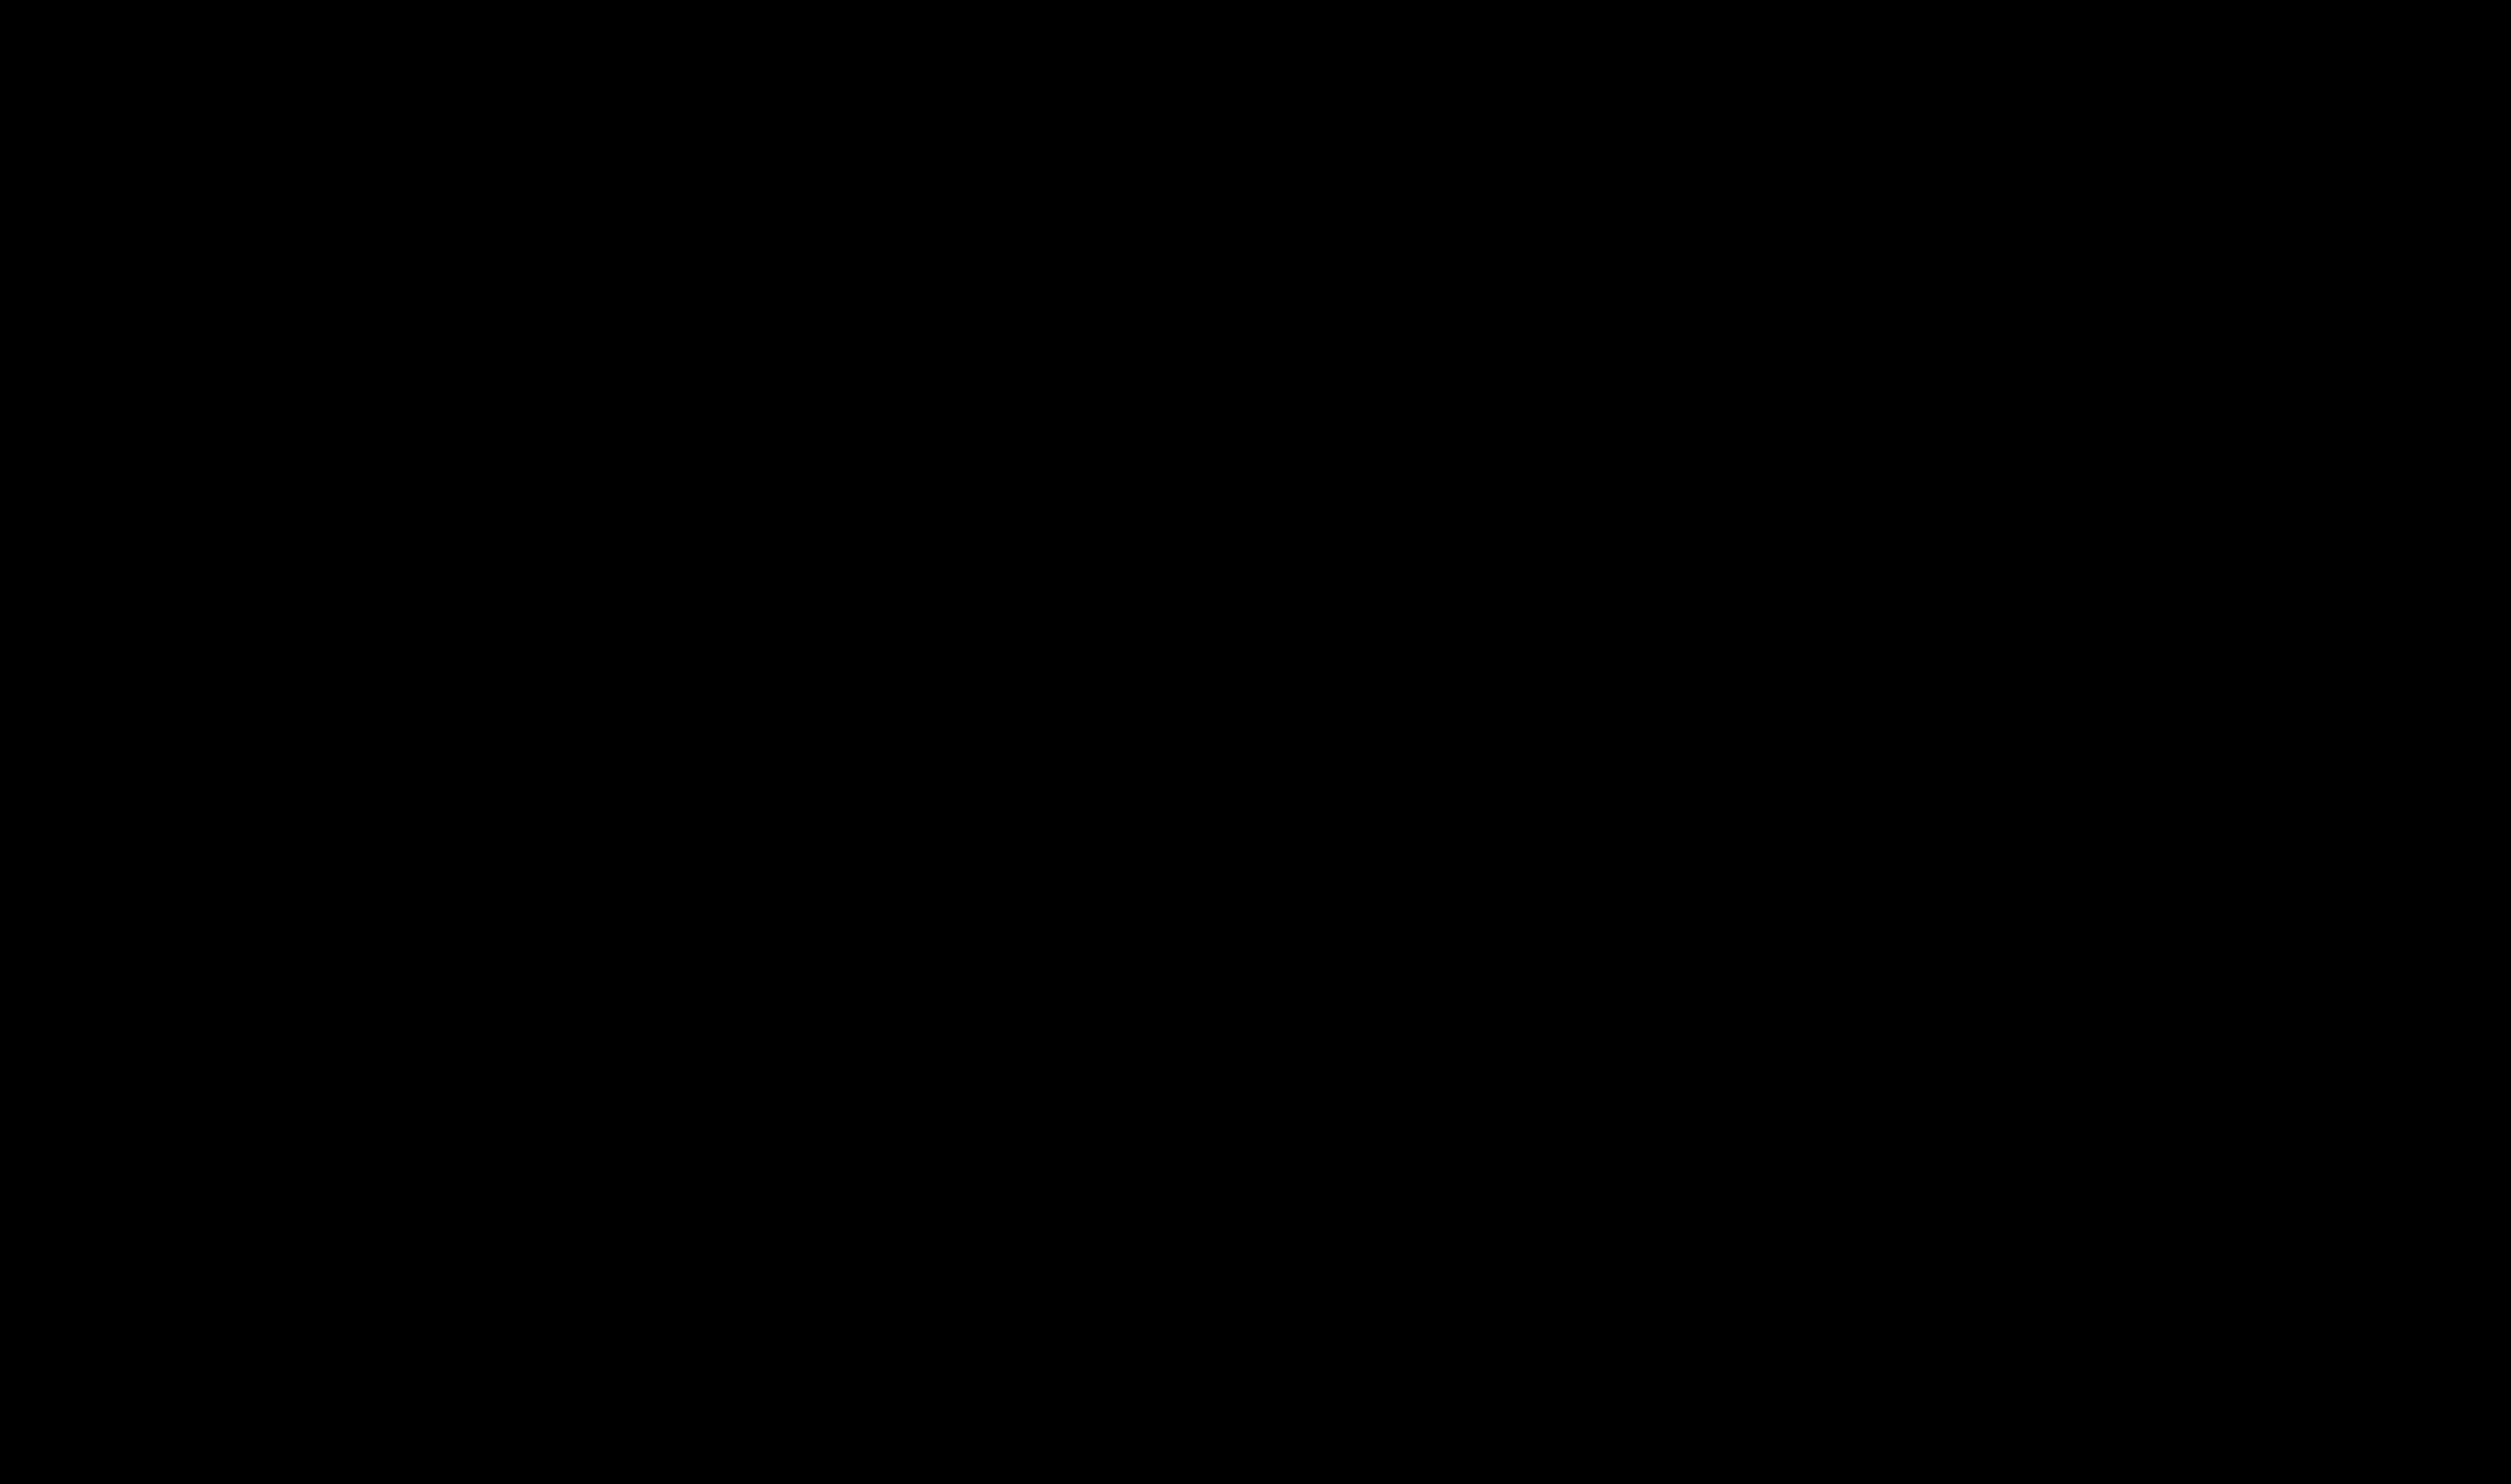 JAXlogo-b+w